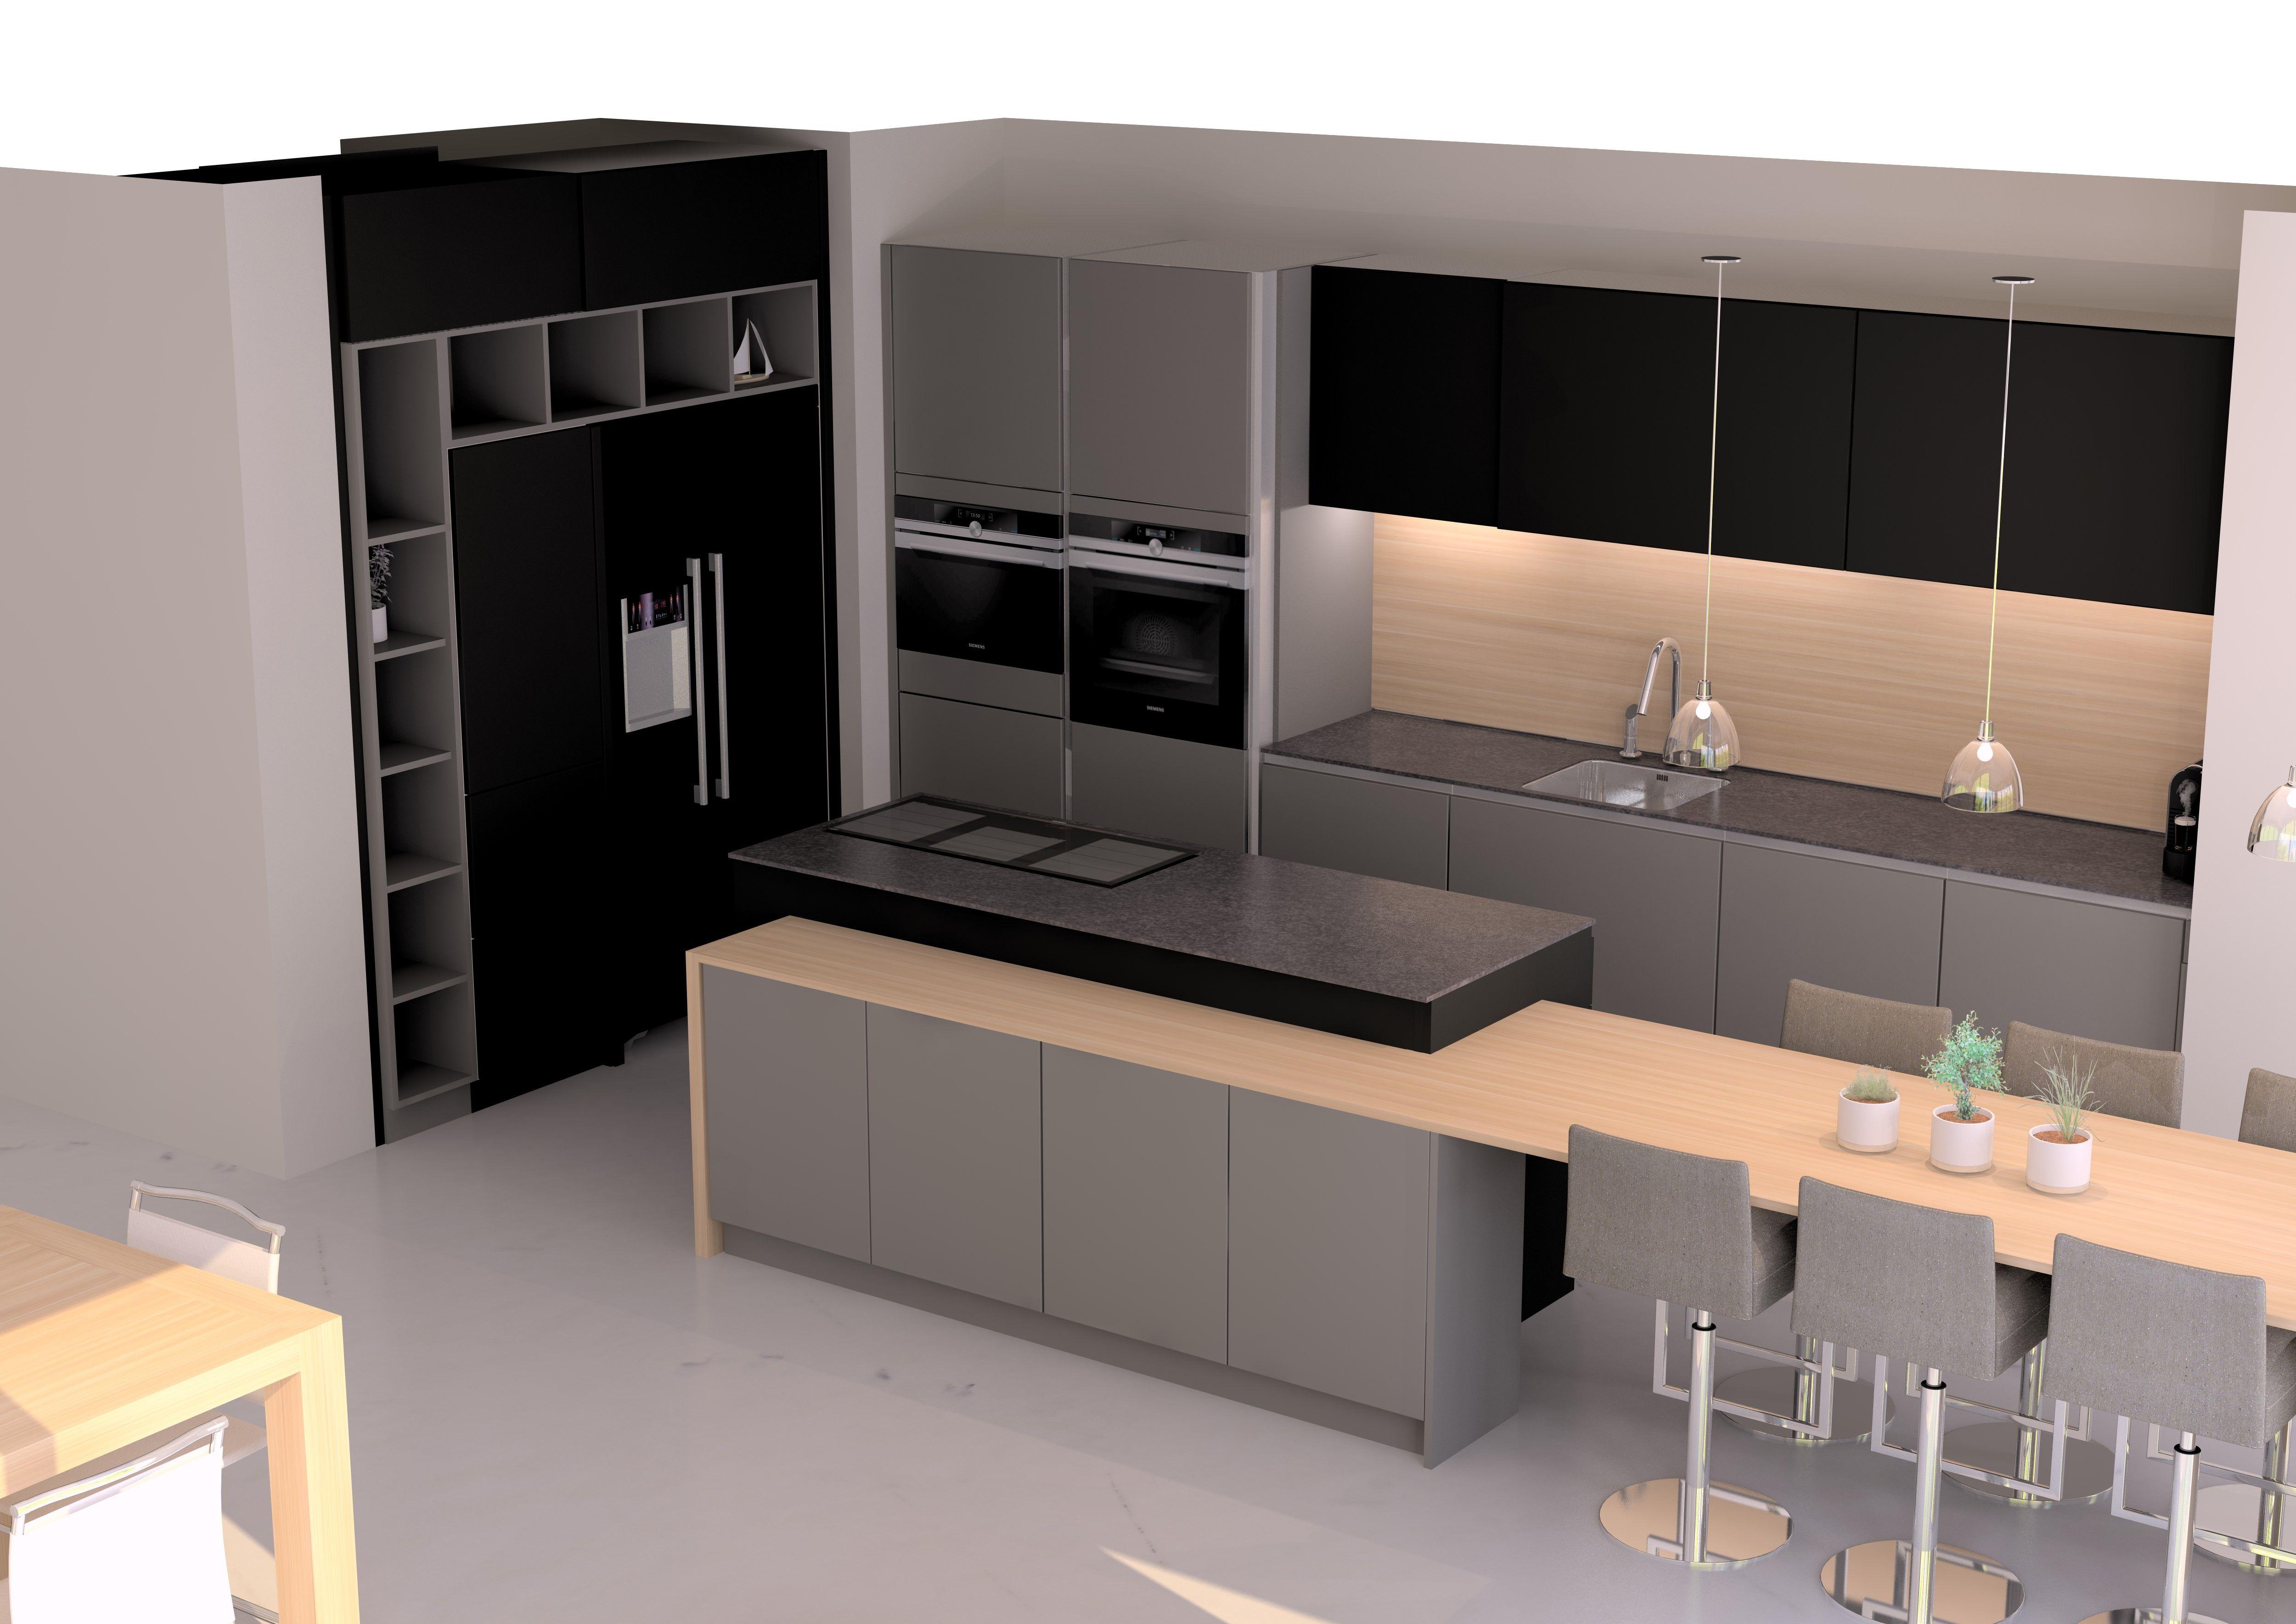 cuisine design en laque grise et noire sans poign es avec il t central plan granit et plan repas. Black Bedroom Furniture Sets. Home Design Ideas